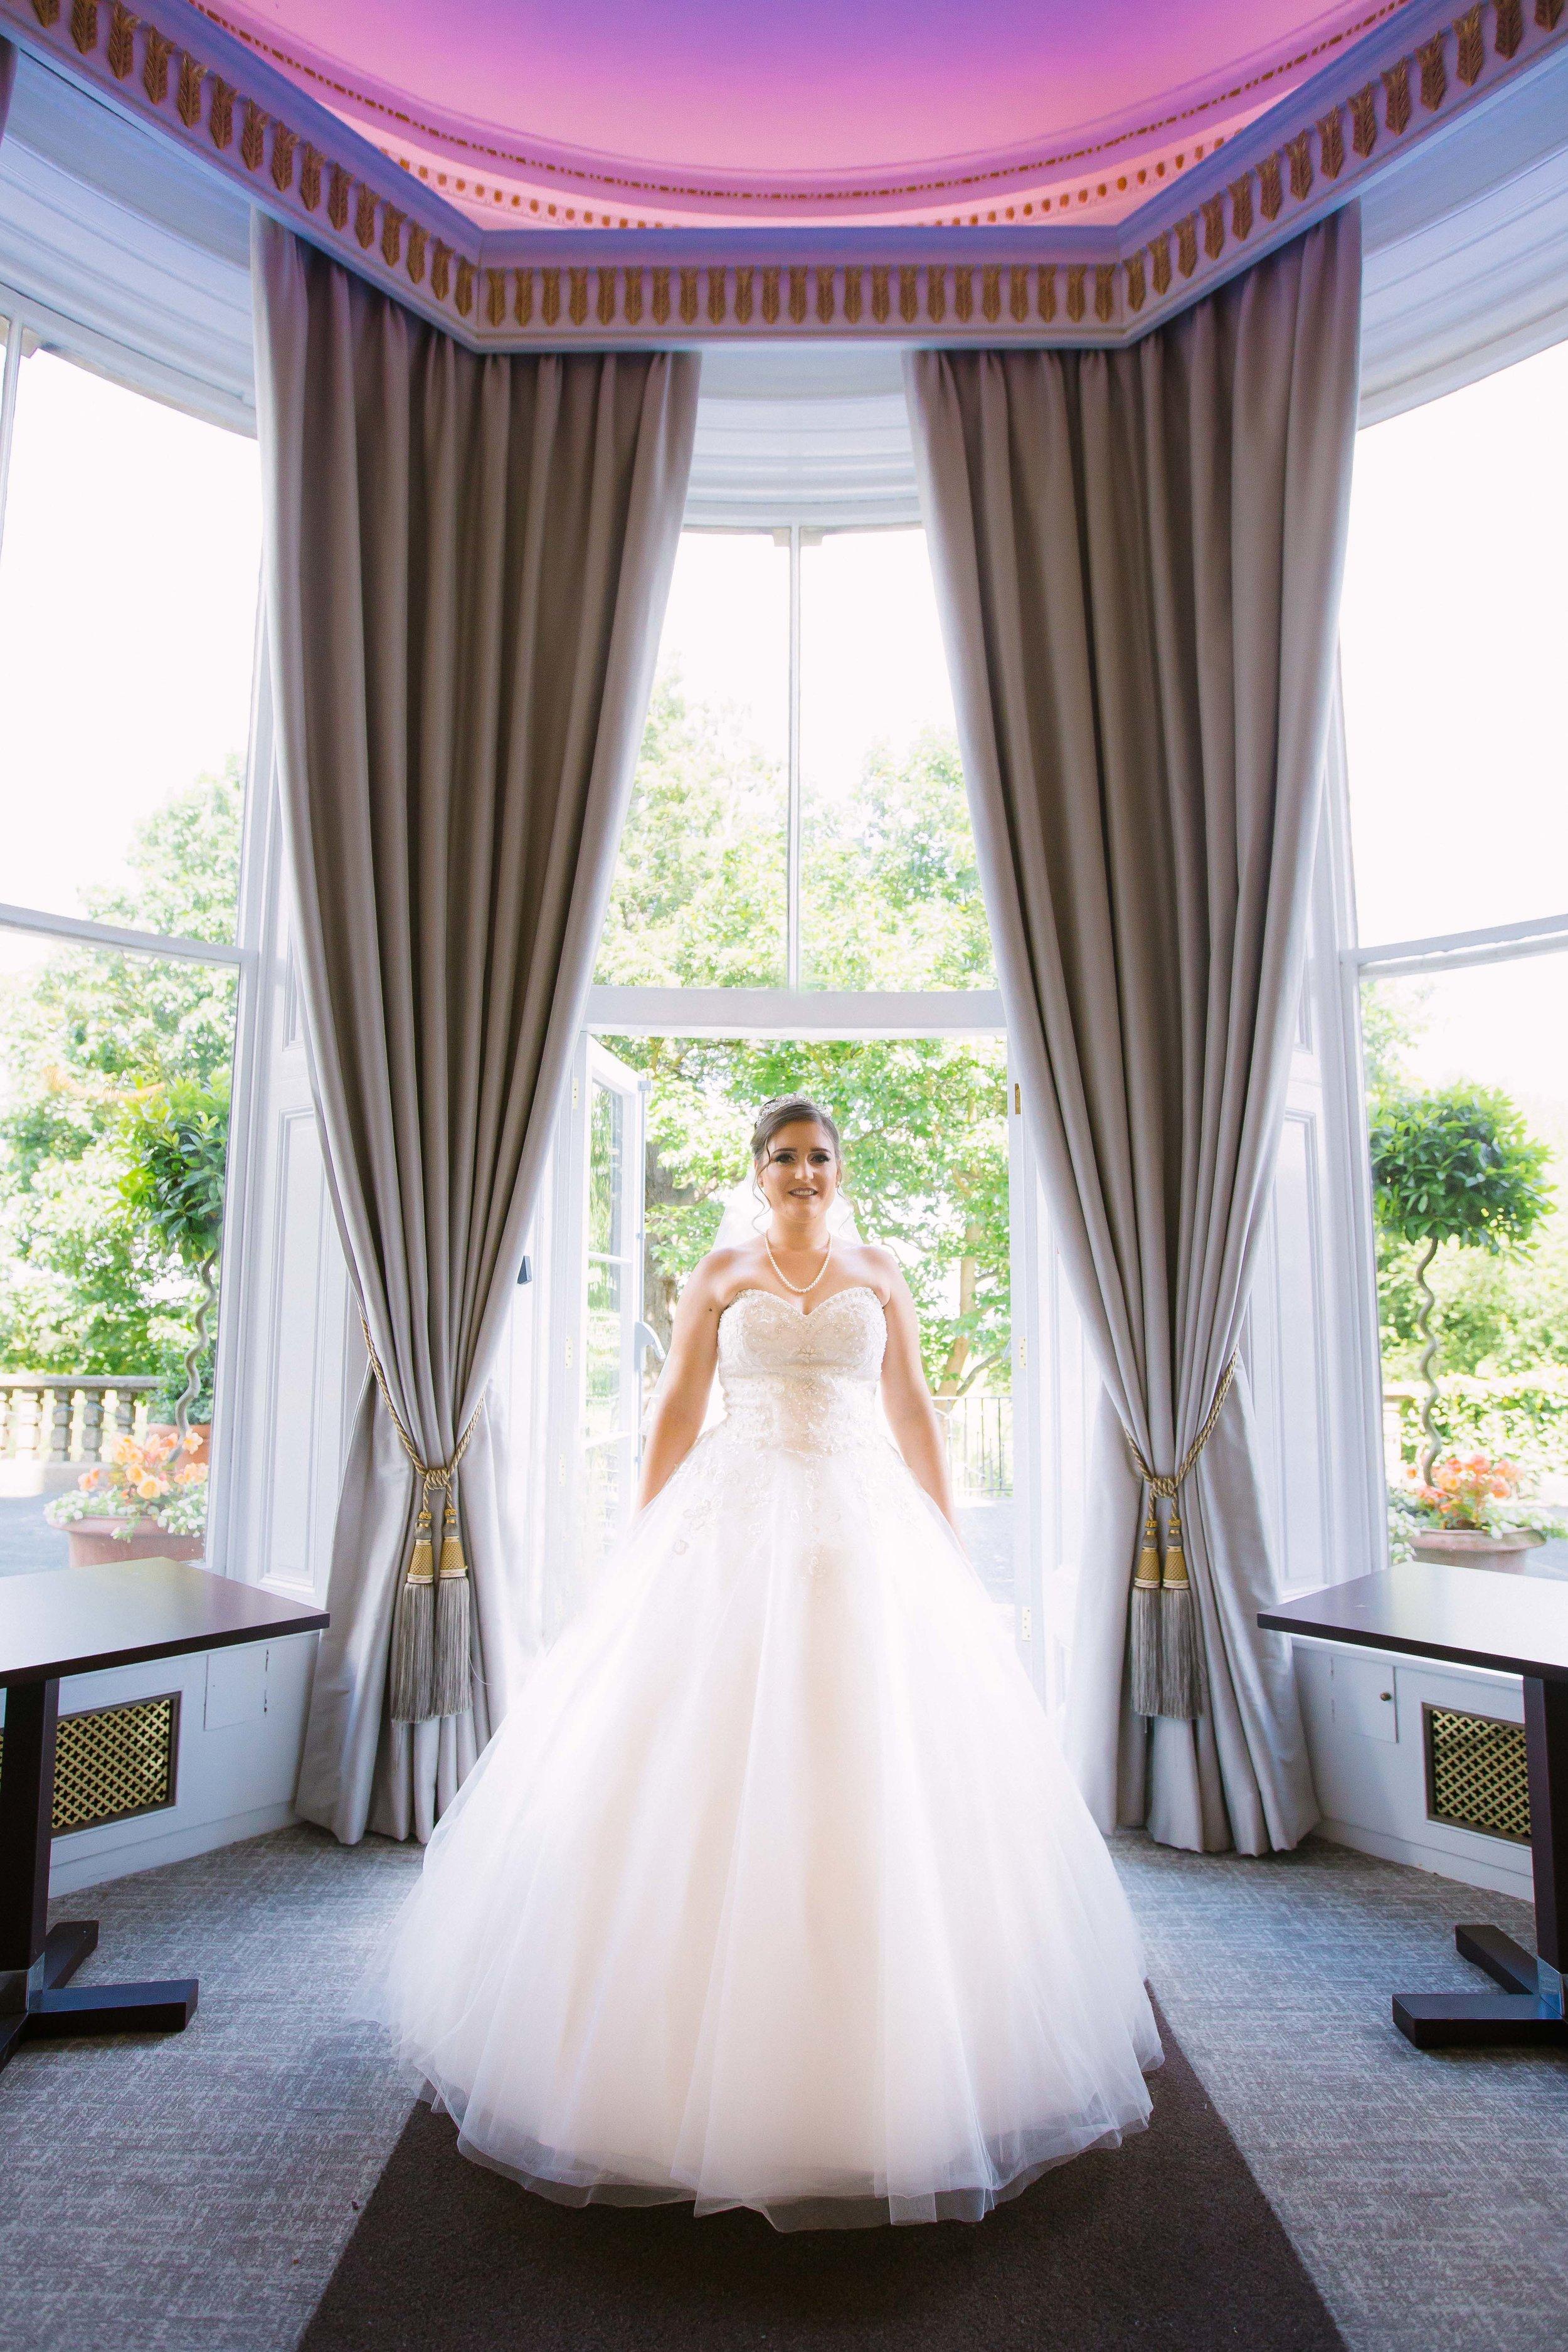 HamptonCourt-Wedding-Weybridge-Surrey-London-OatlandsParkHotel-14